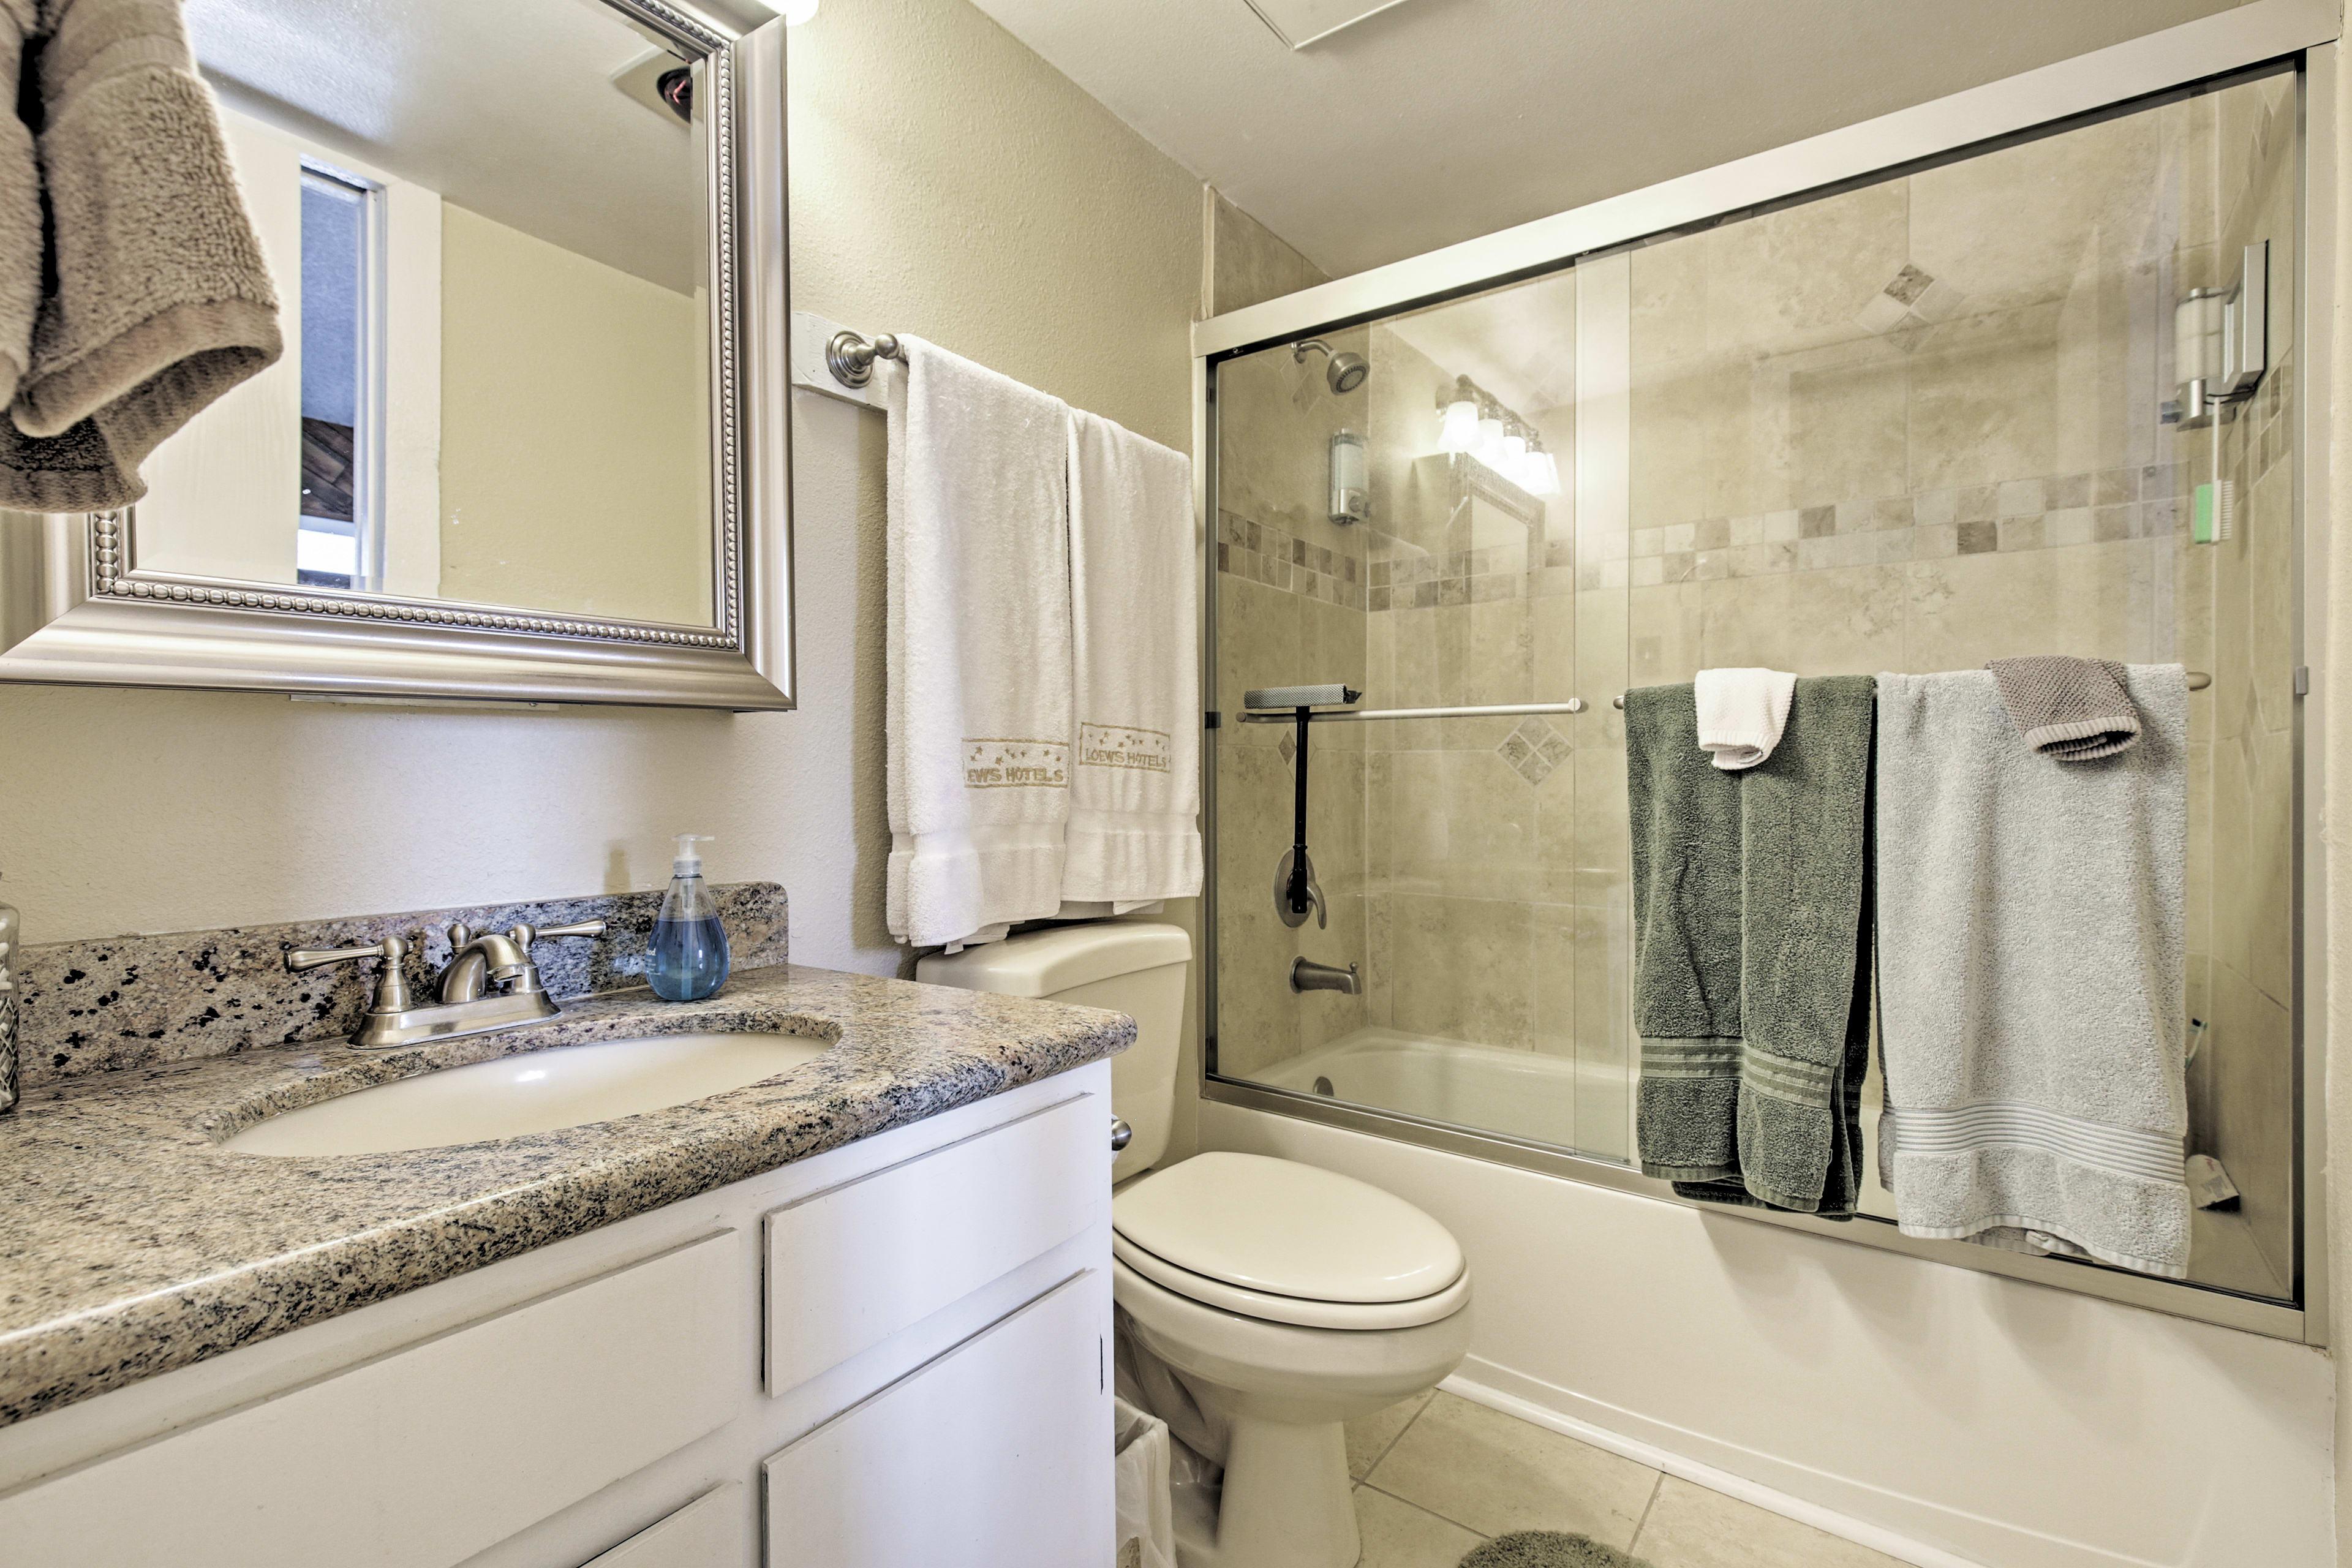 En-Suite Bathroom | Basic Toiletries Provided | Hair Dryer